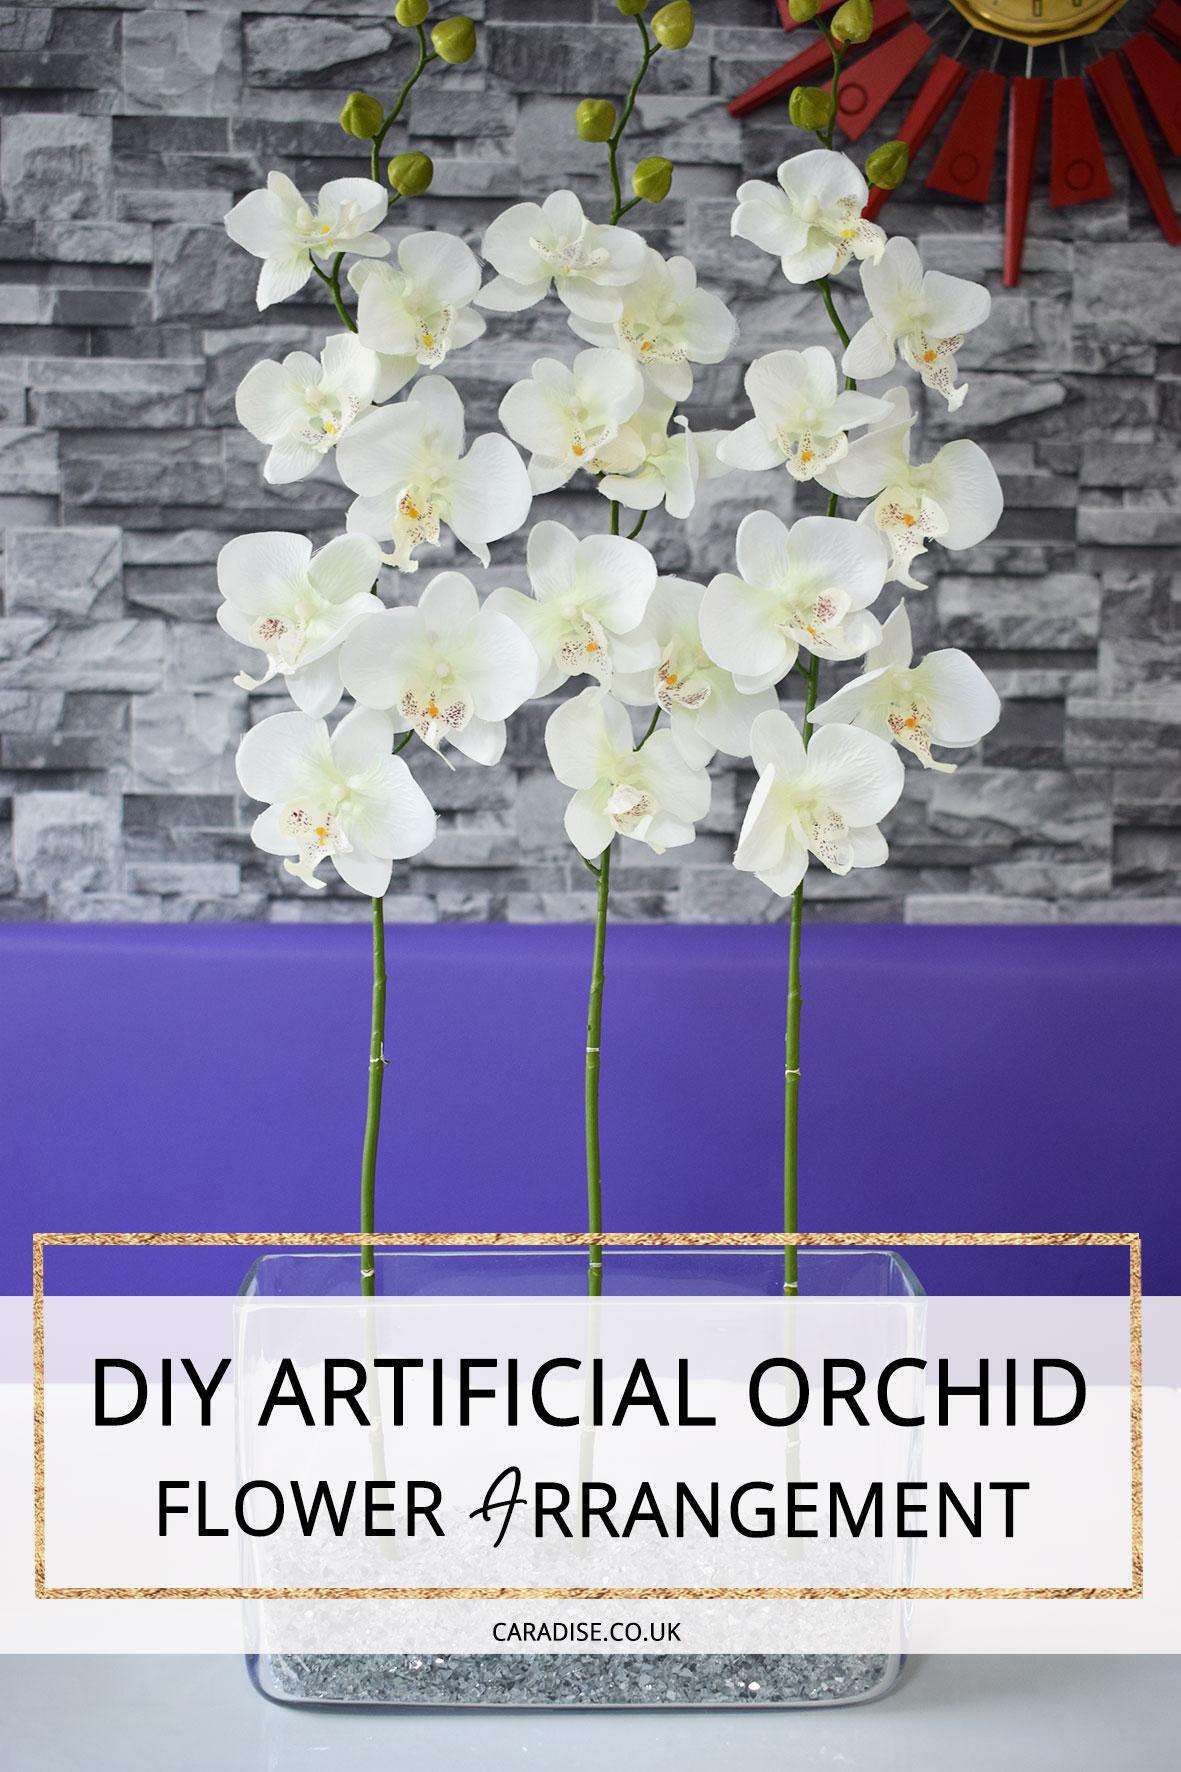 How To Make An Artificial Flower Arrangement Caradise